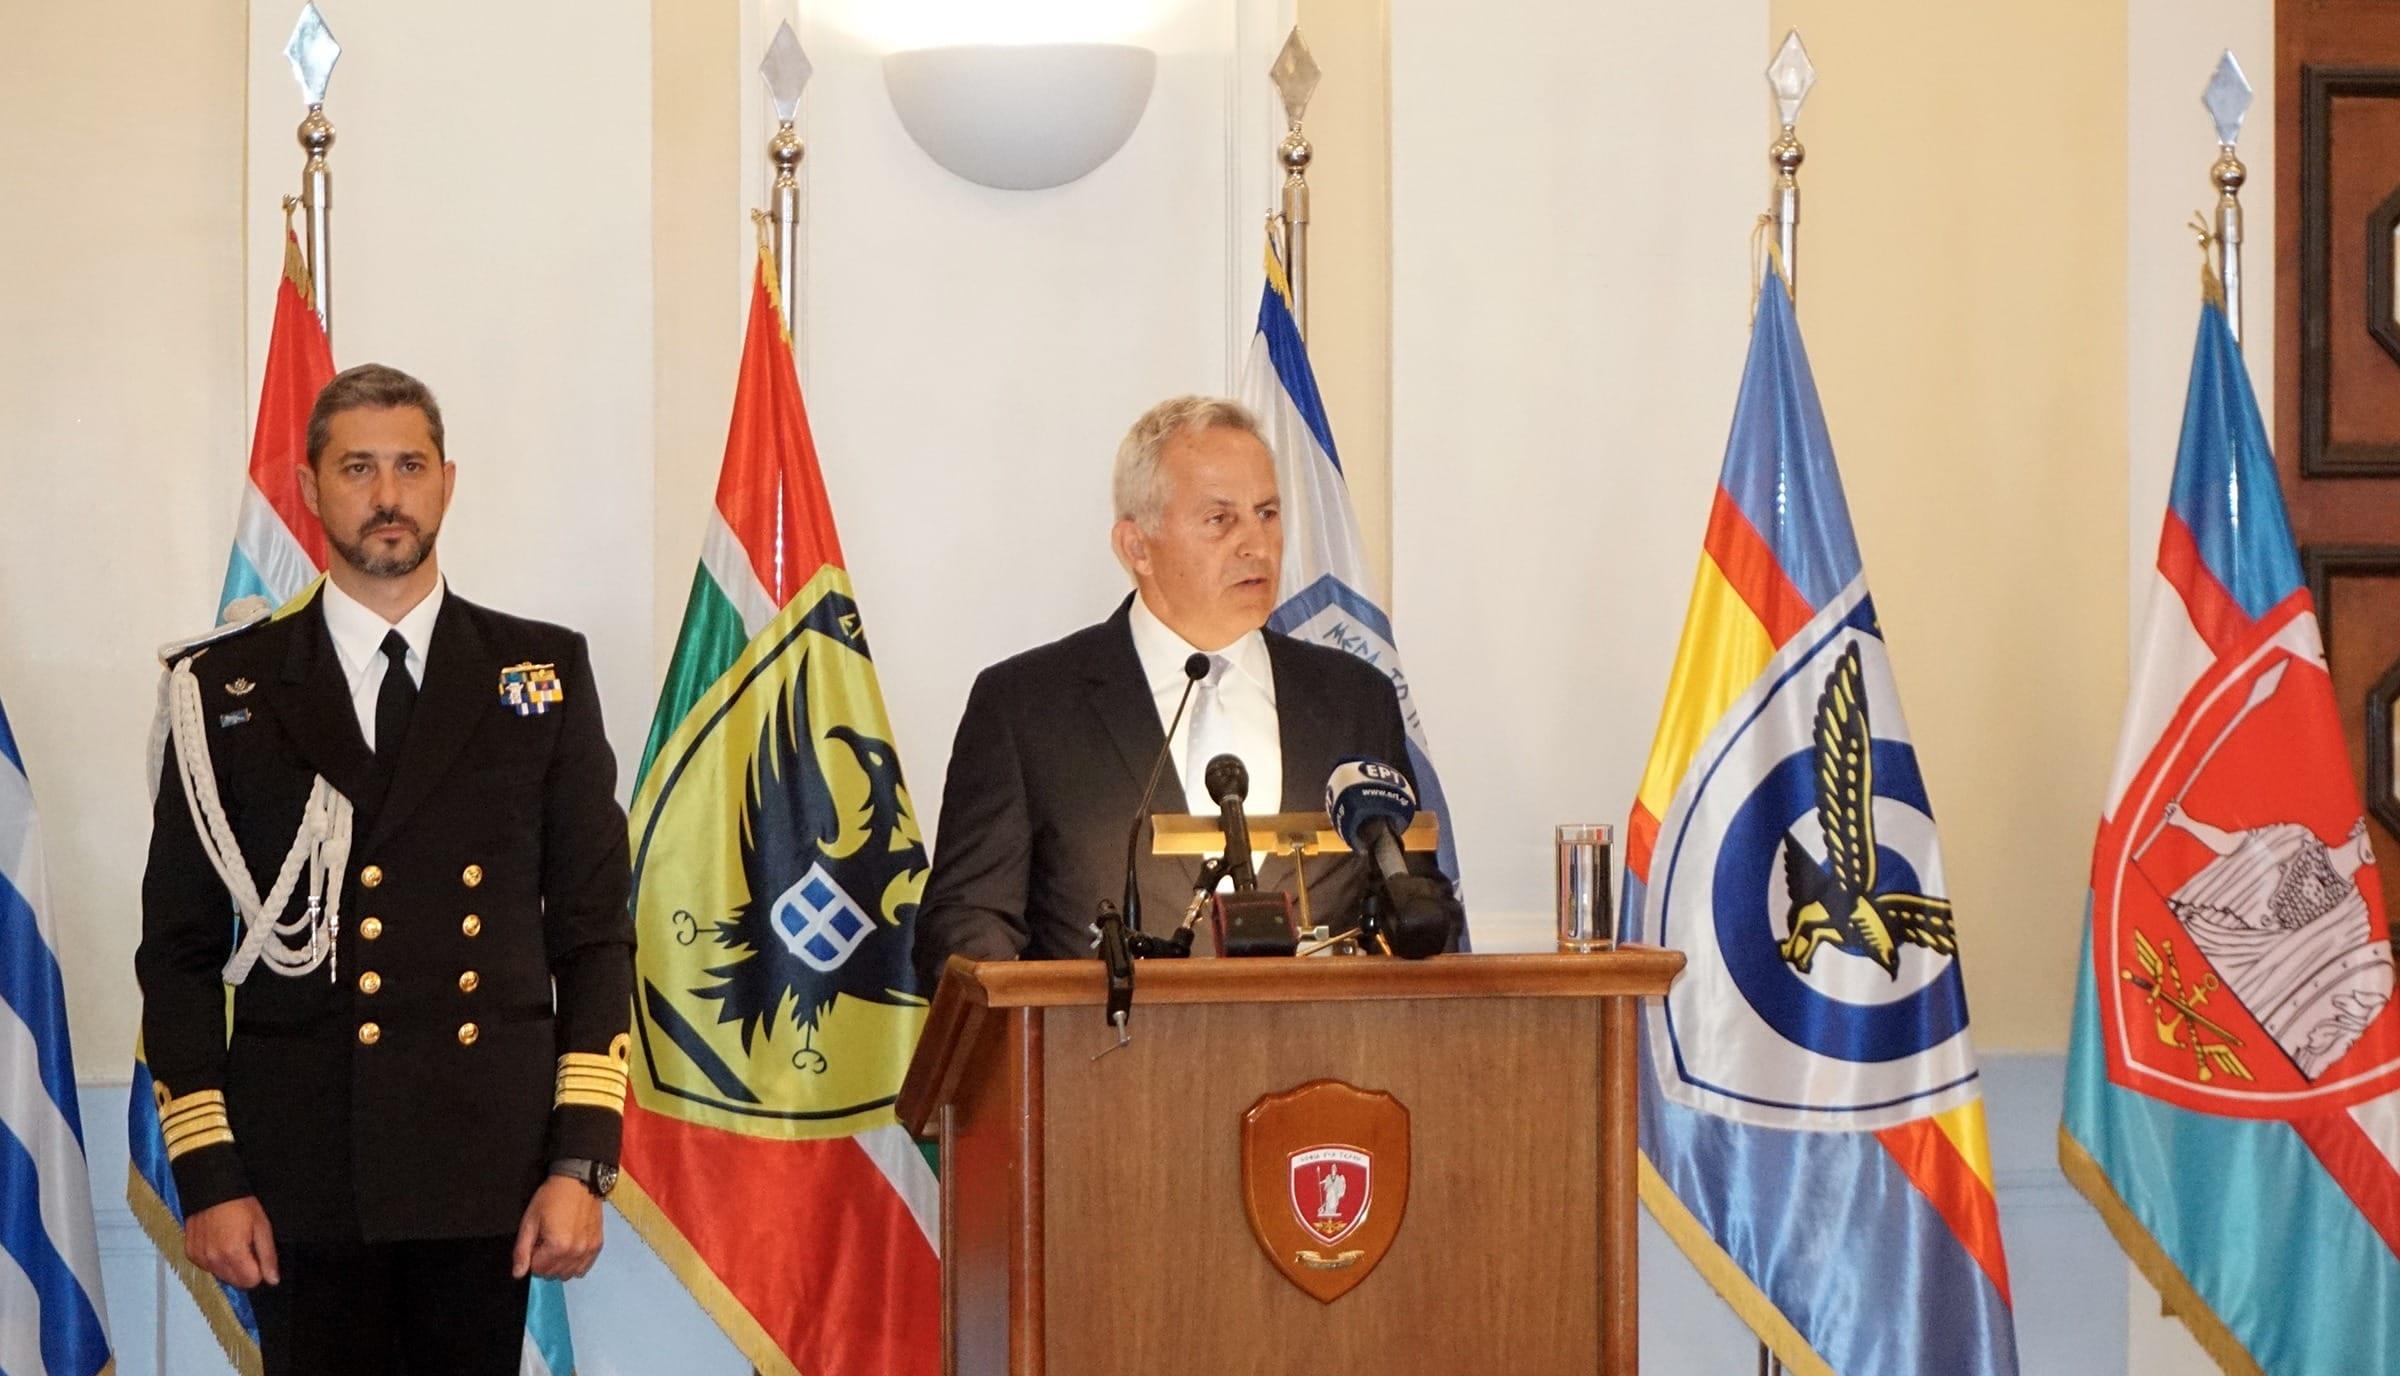 Αποστολάκης: Οι Ένοπλες Δυνάμεις είναι σε ετοιμότητα Υπουργείο Εθνικής Άμυνας: Τι συζητούν για τα ΜΟΕ με τους Τούρκους